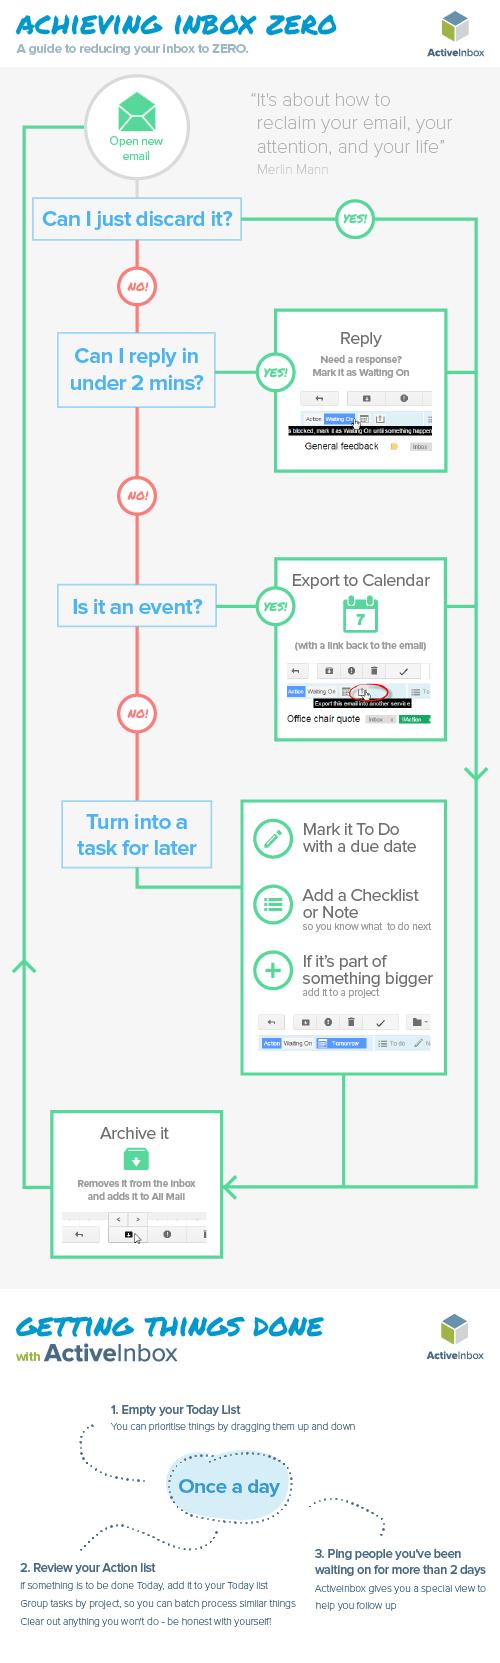 inboxzero infographic